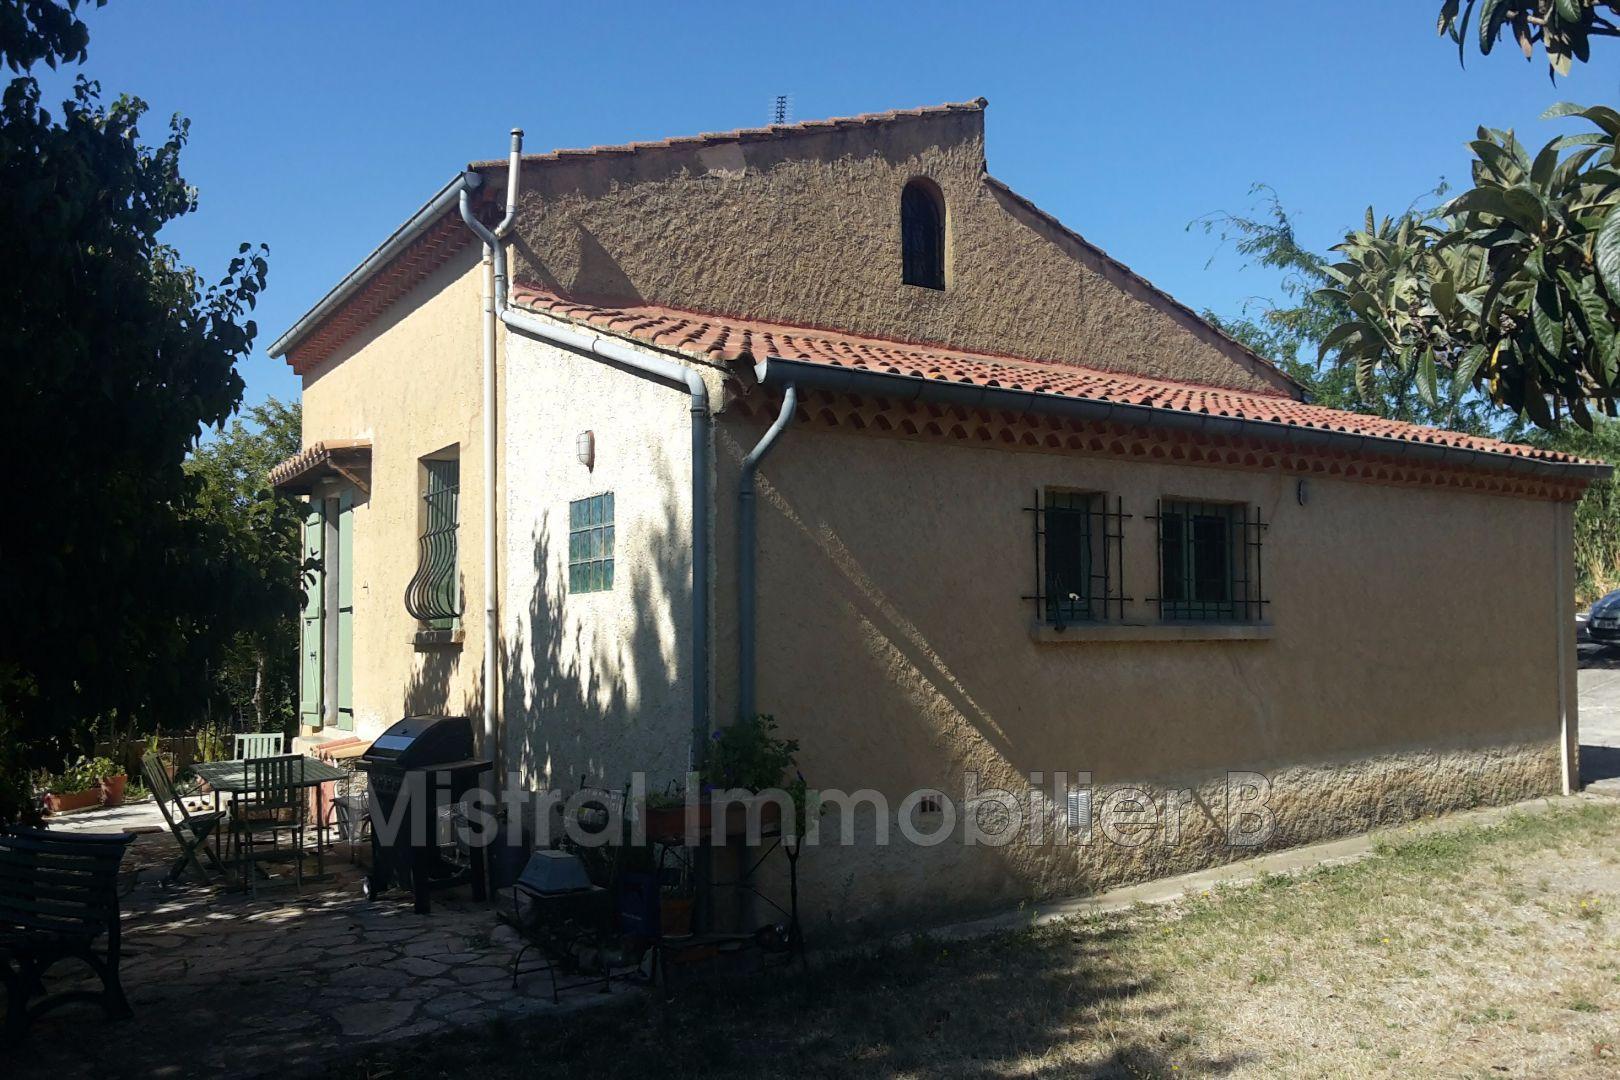 Vente Maison Villa Bagnols Sur C Ze 30200 194 250